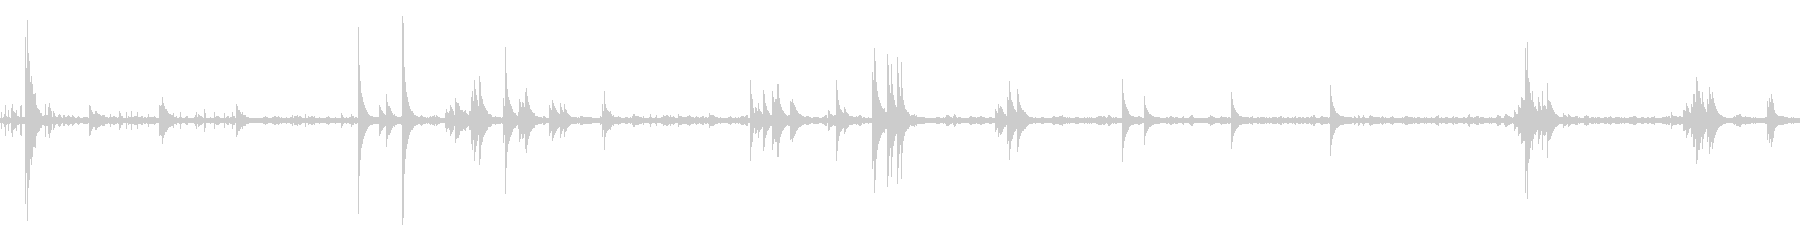 風鈴と鳥と虫の音 05【夕方】ループの未再生の波形